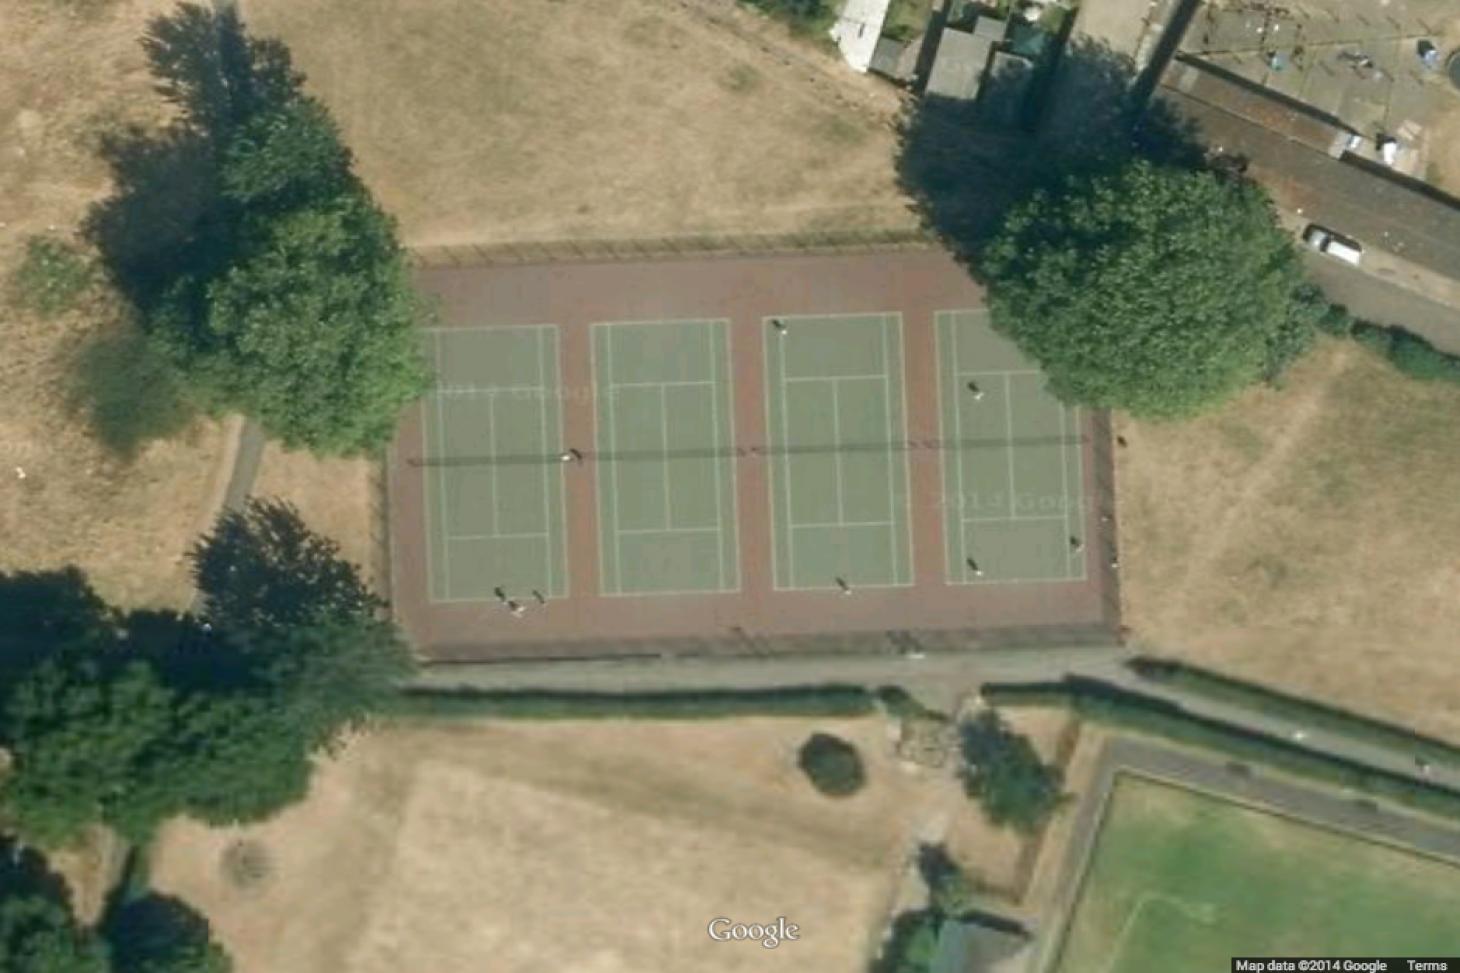 Plumstead Common Outdoor | Hard (macadam) tennis court